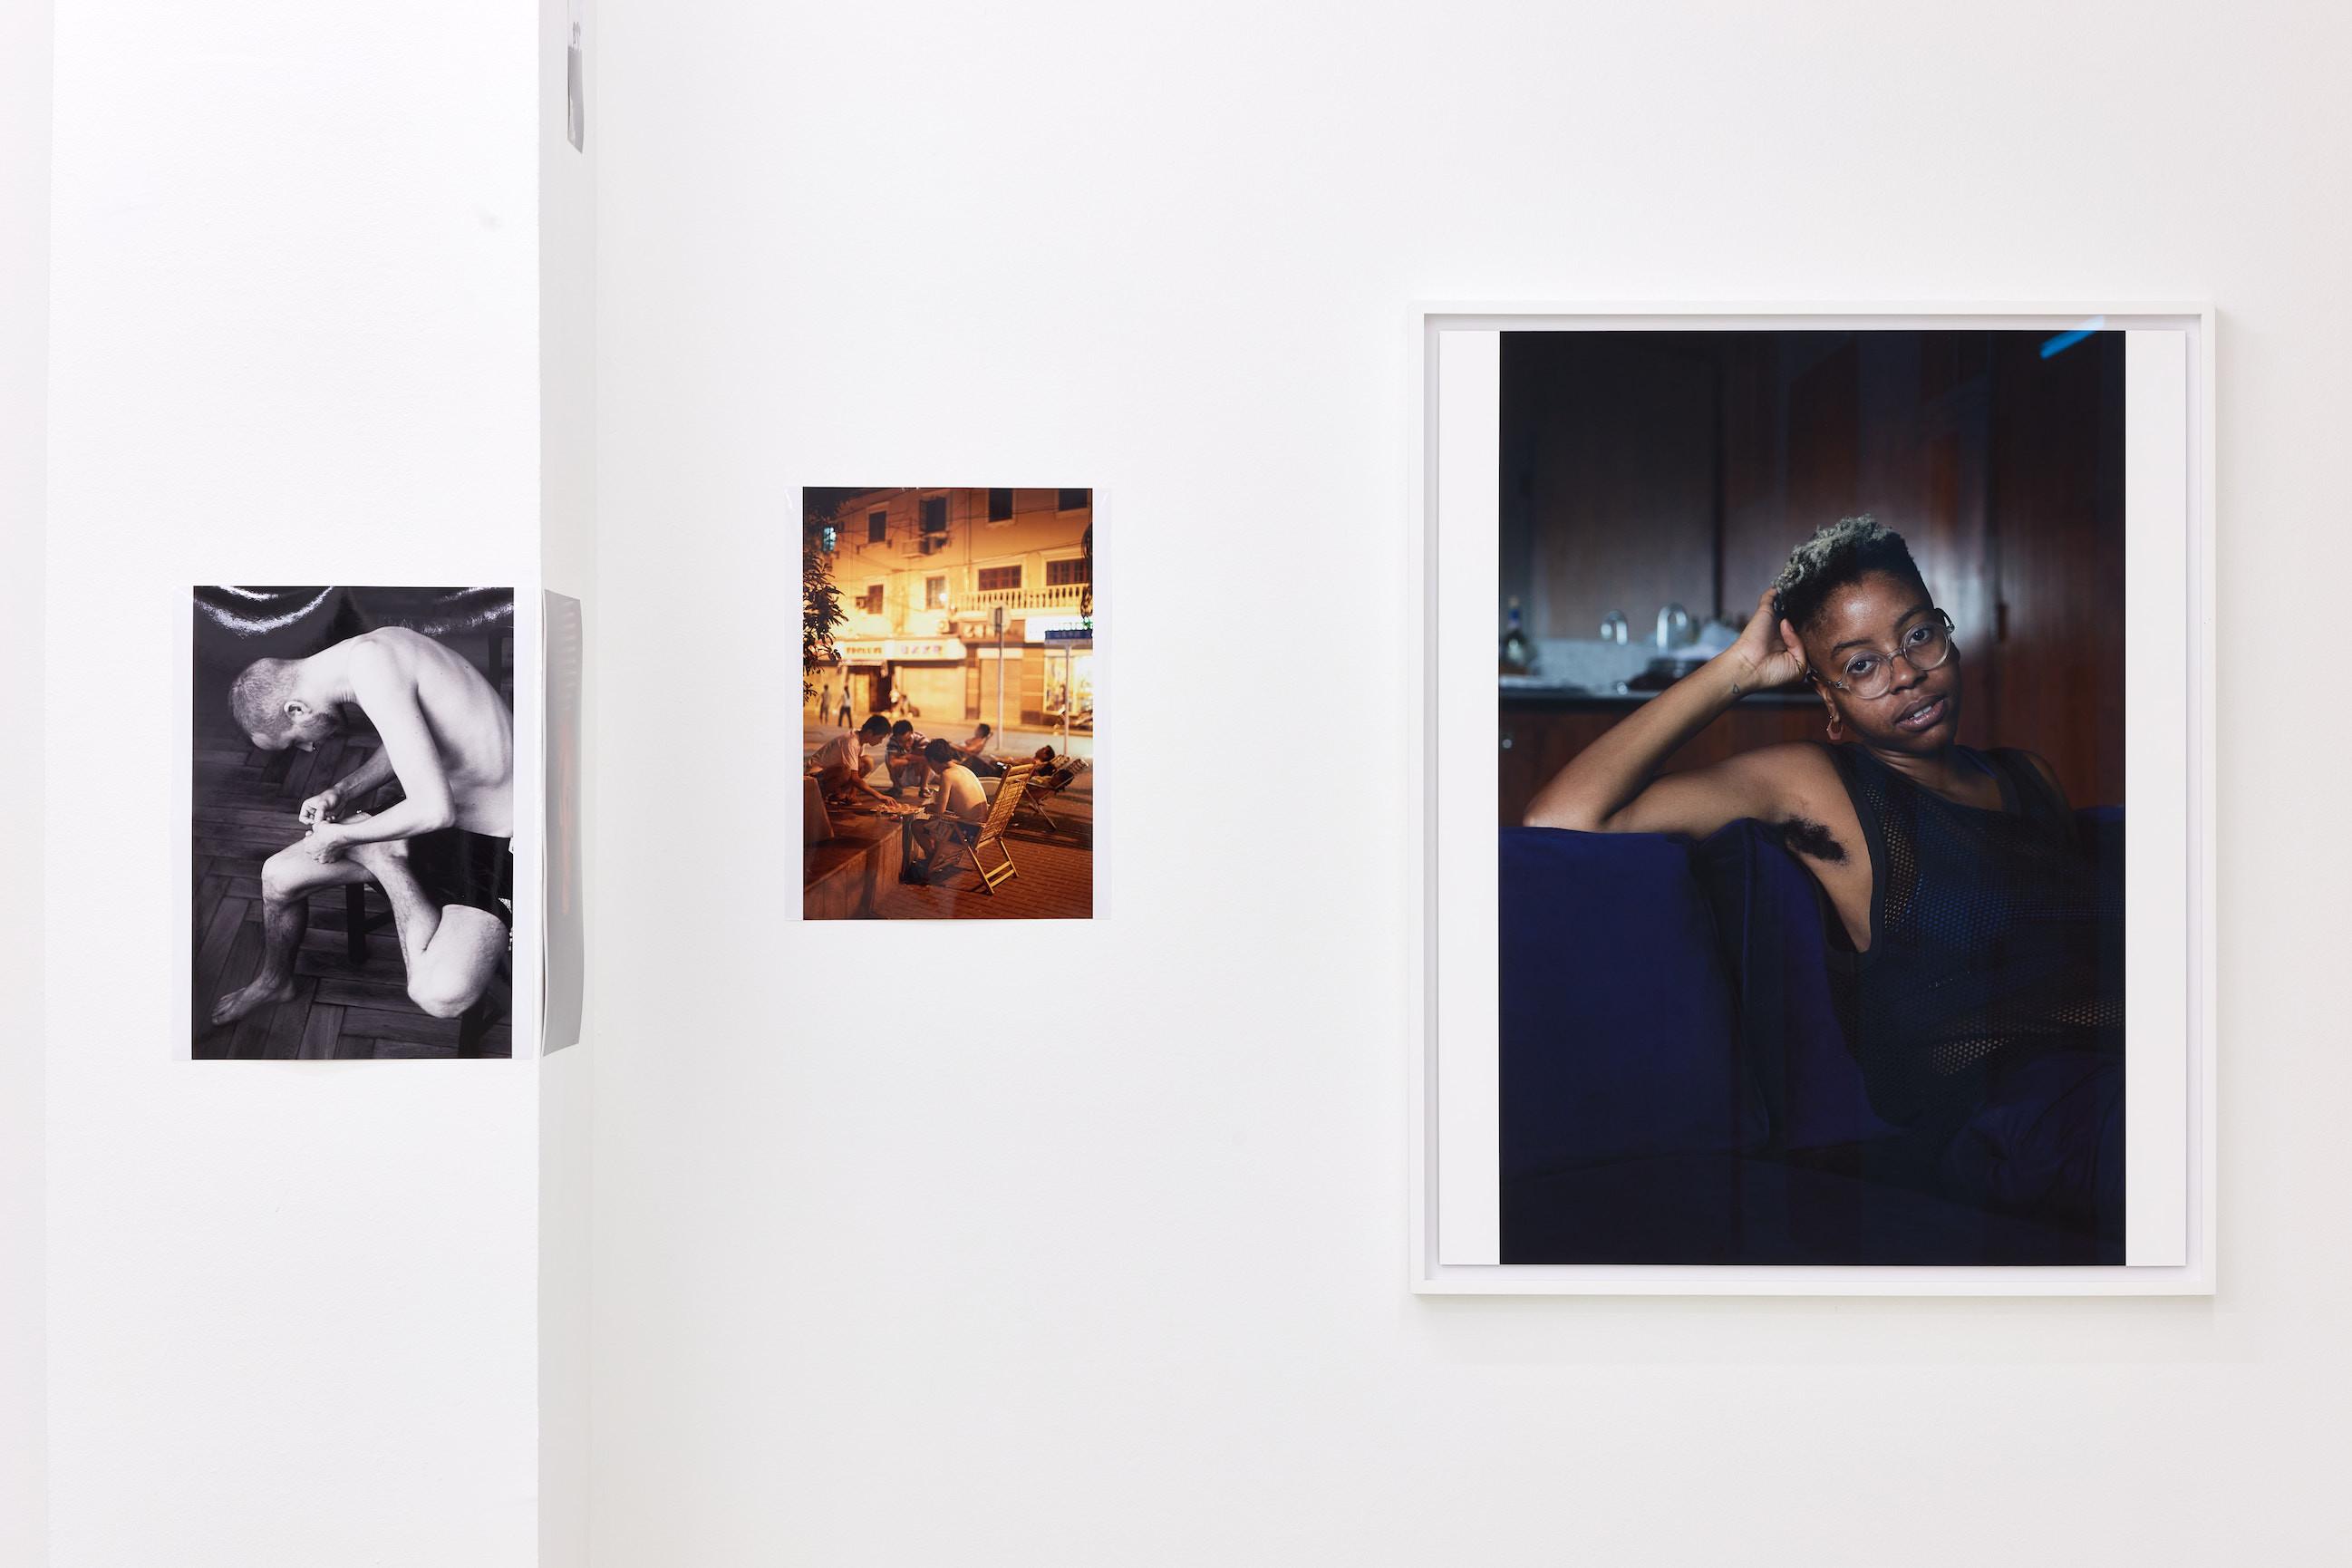 Wolfgang Tillmans: A te tested a tiéd . Kiállítási látkép, Trafó Galéria, 2021. Balra: Anders pulling splinter from his foot, 2004. Középen: Shanghai night, a, 2009. Jobbra: Yulan Grant, 2016. Fotó: Biró Dávid